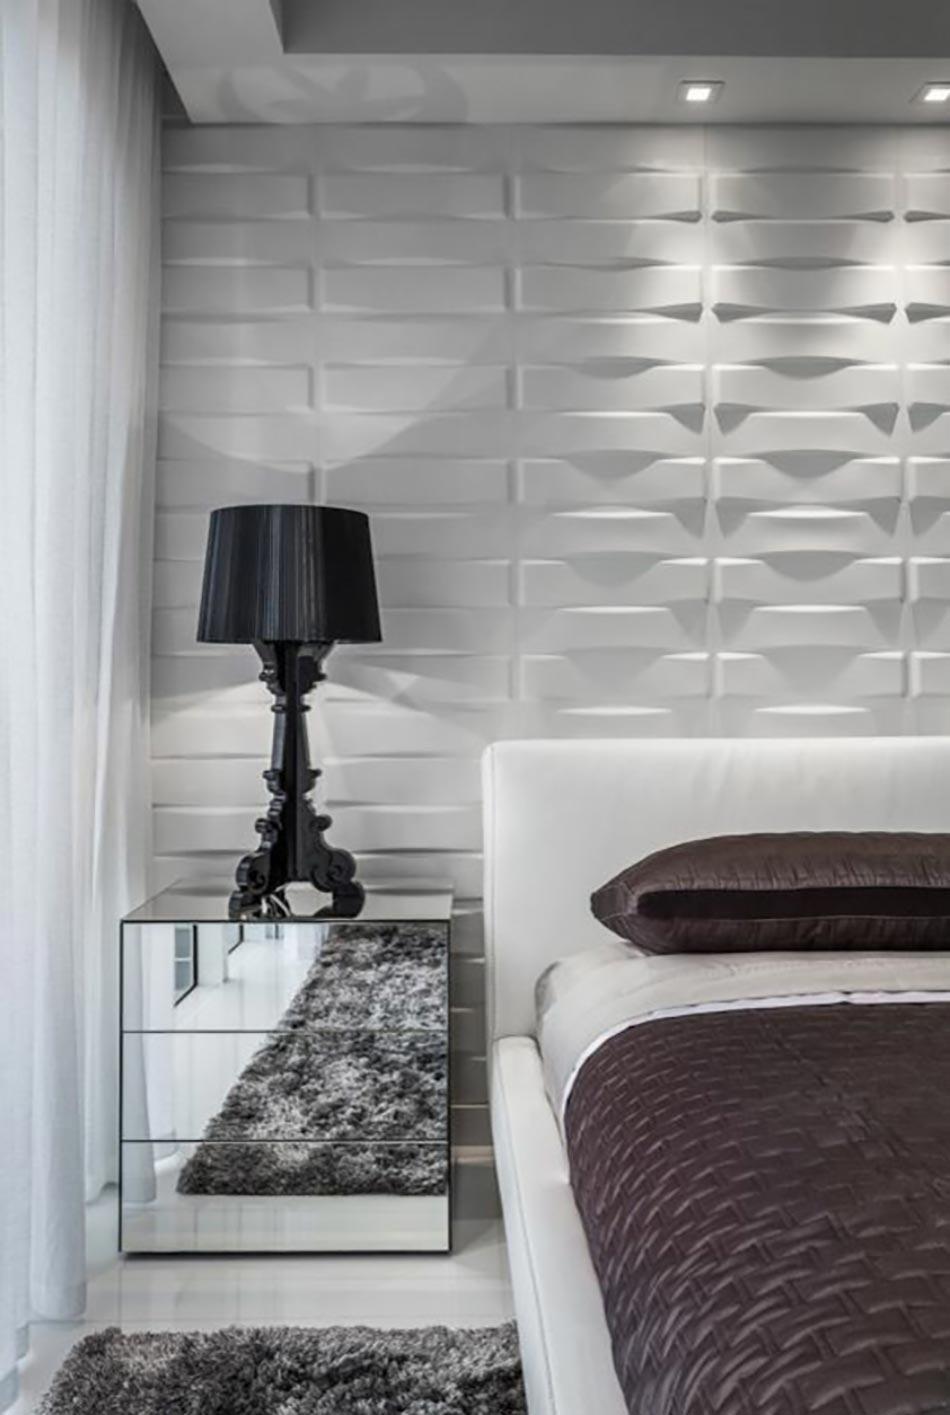 Bel appartement de vacances au design int rieur moderne for Deco appartement chic